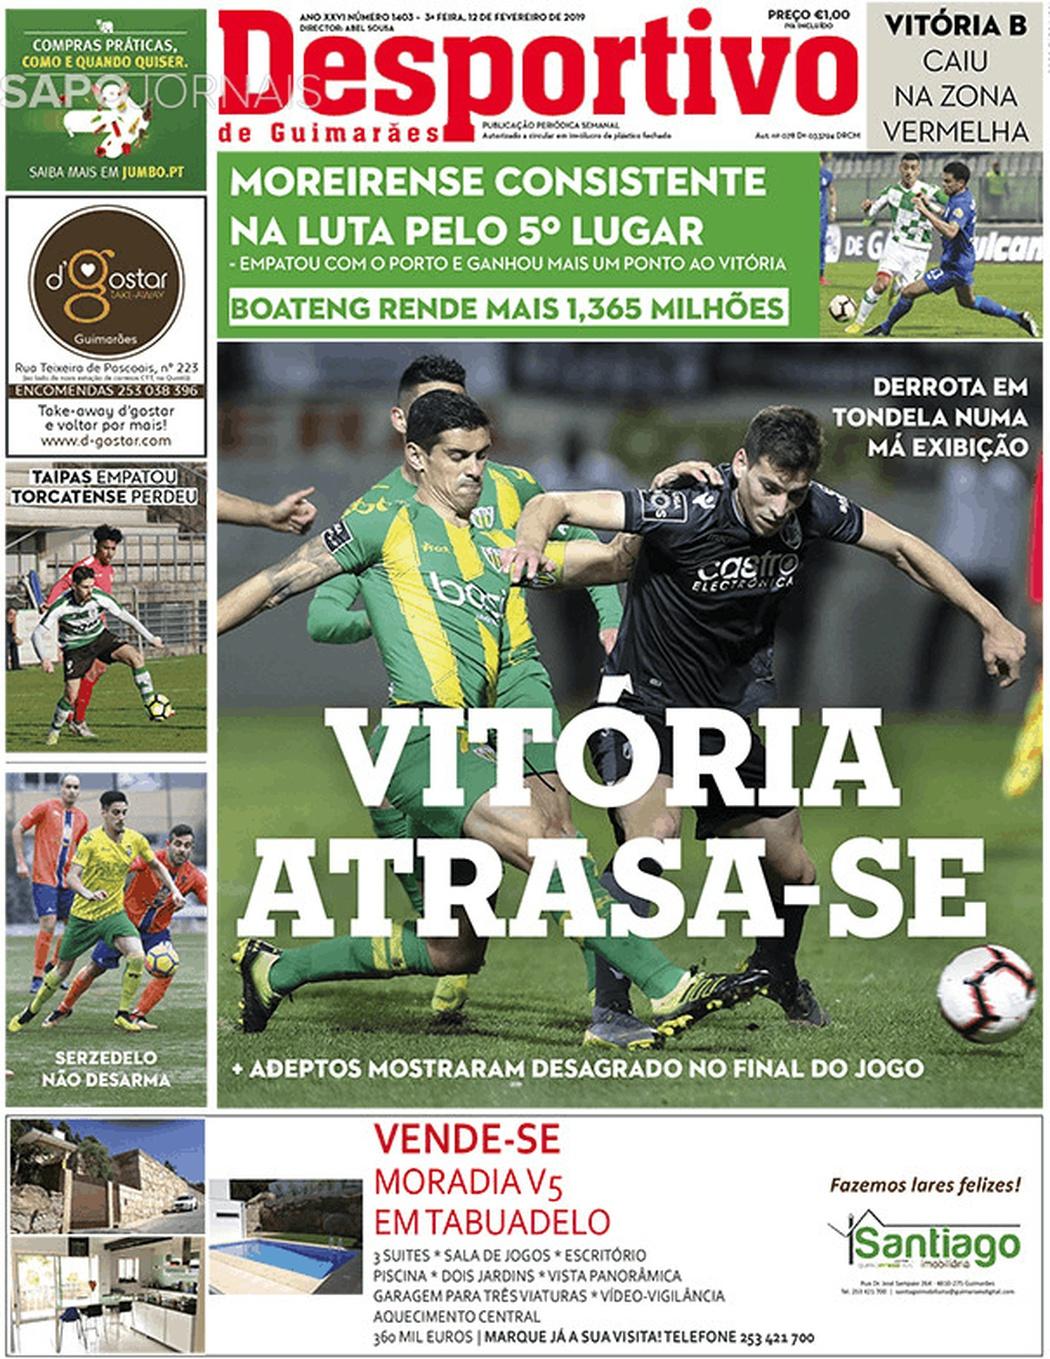 Banca De Jornais Desportivo De Guimarães 12 02 2019 Futebol 365